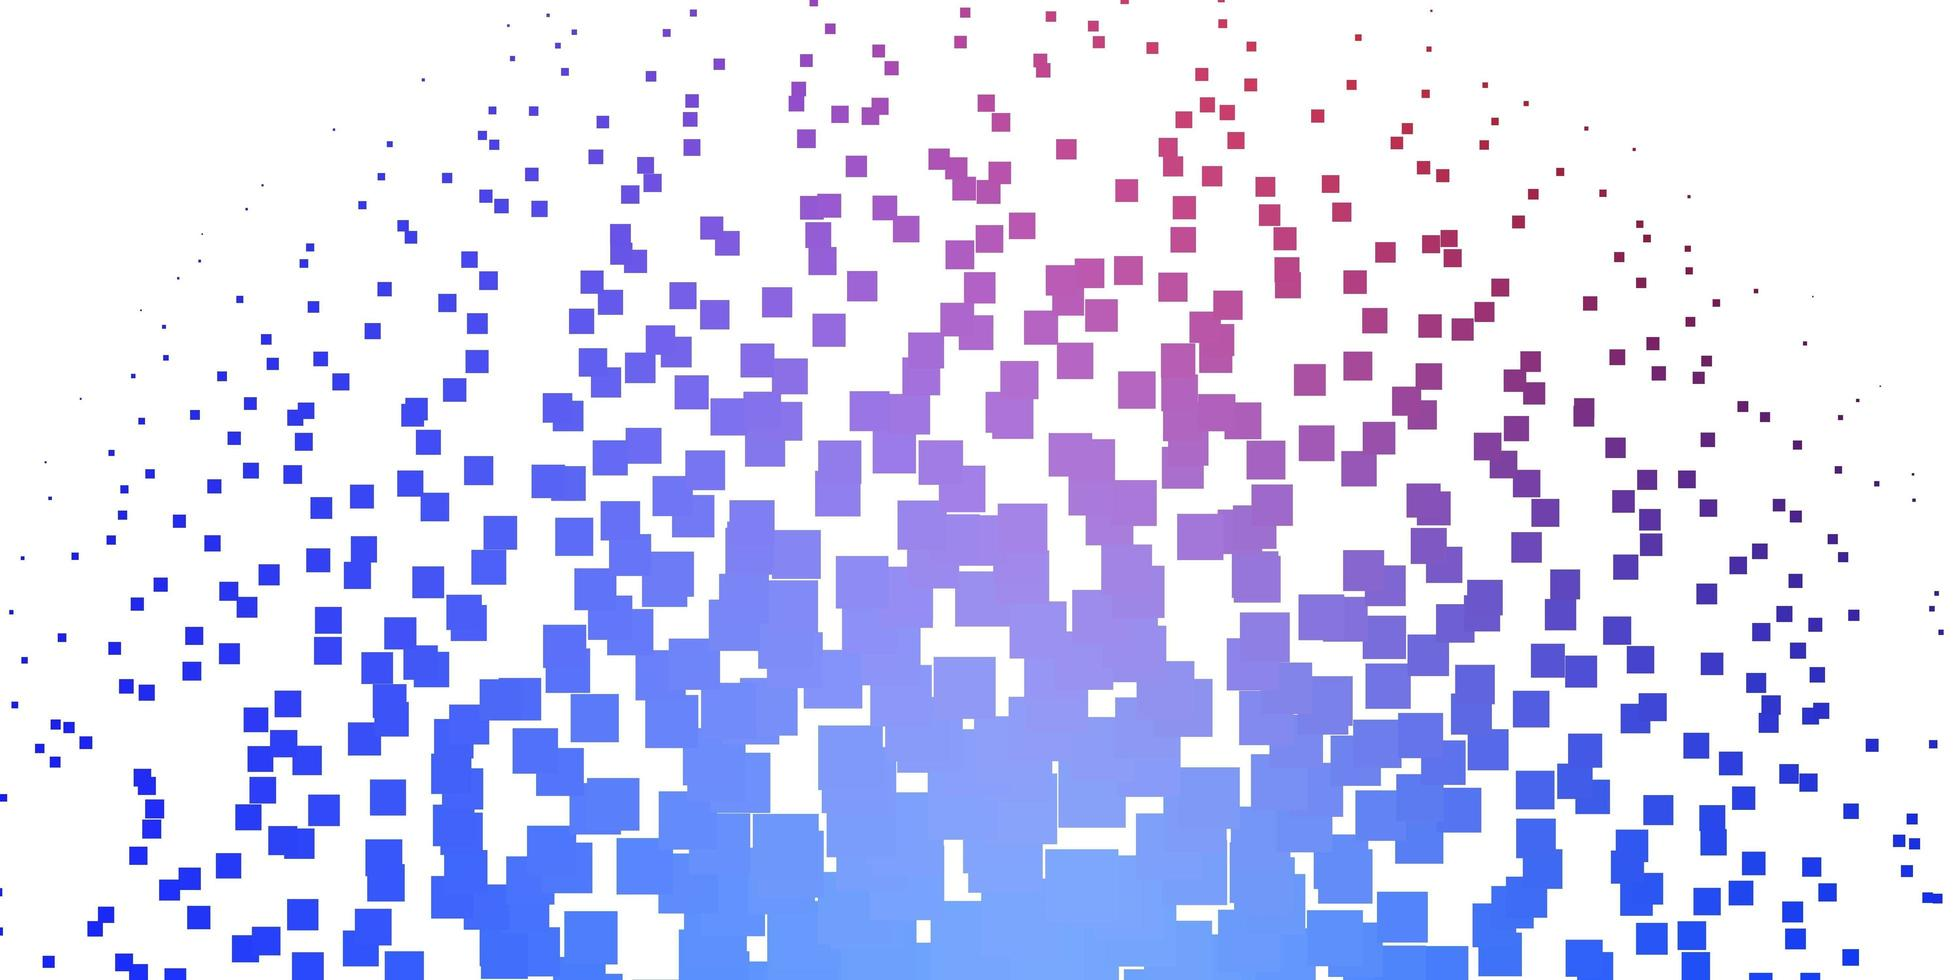 ljusblå, röd vektorbakgrund med rektanglar. vektor